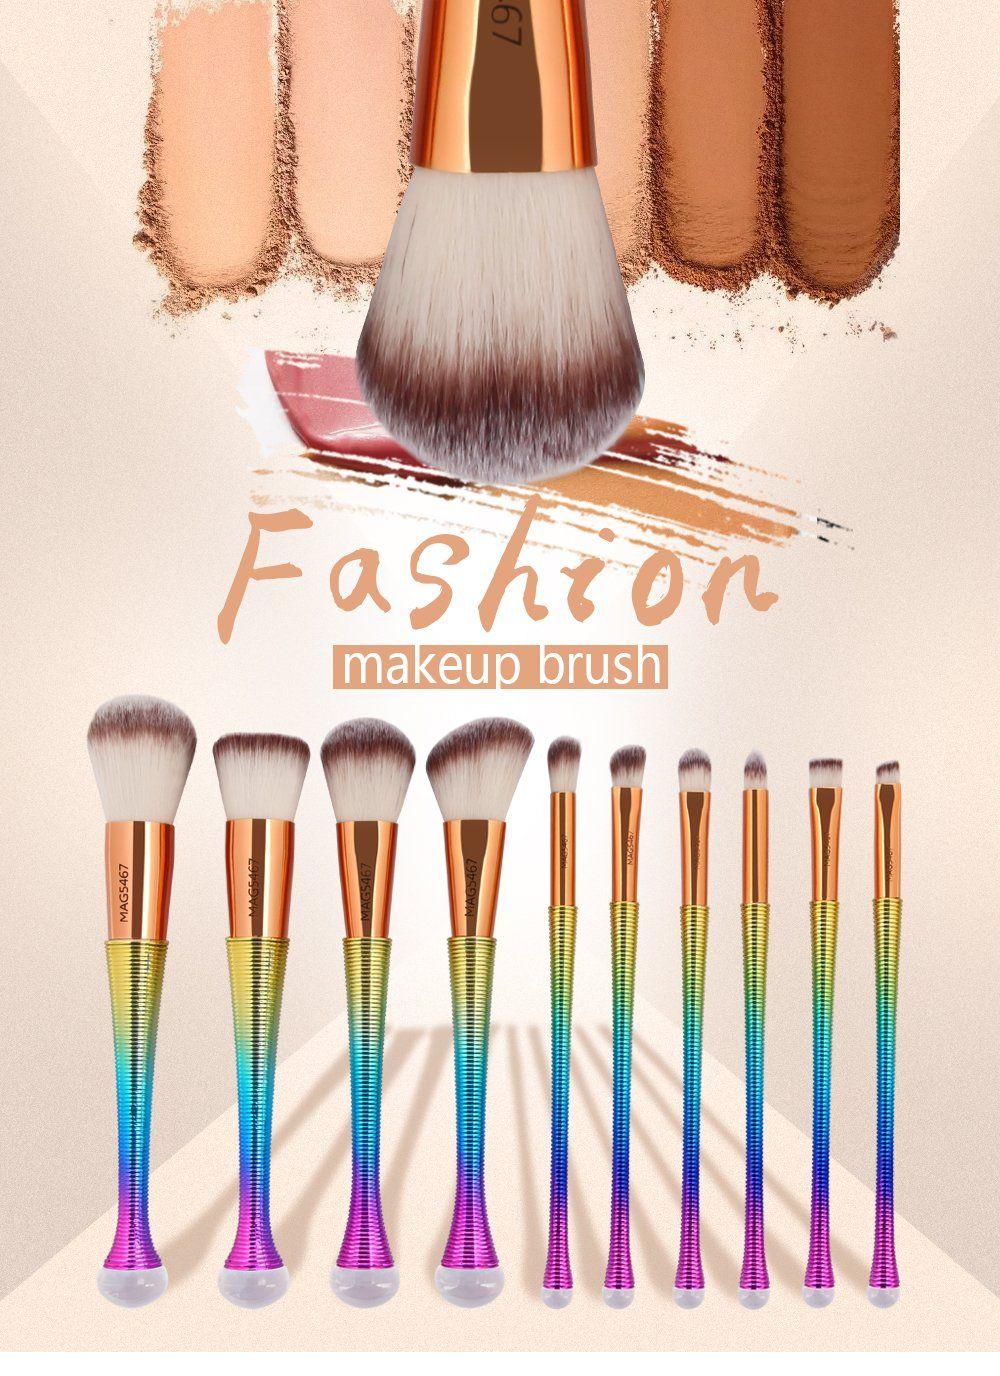 Metallic Rainbow Makeup Brush Set 10 pcs Aeora Makeup